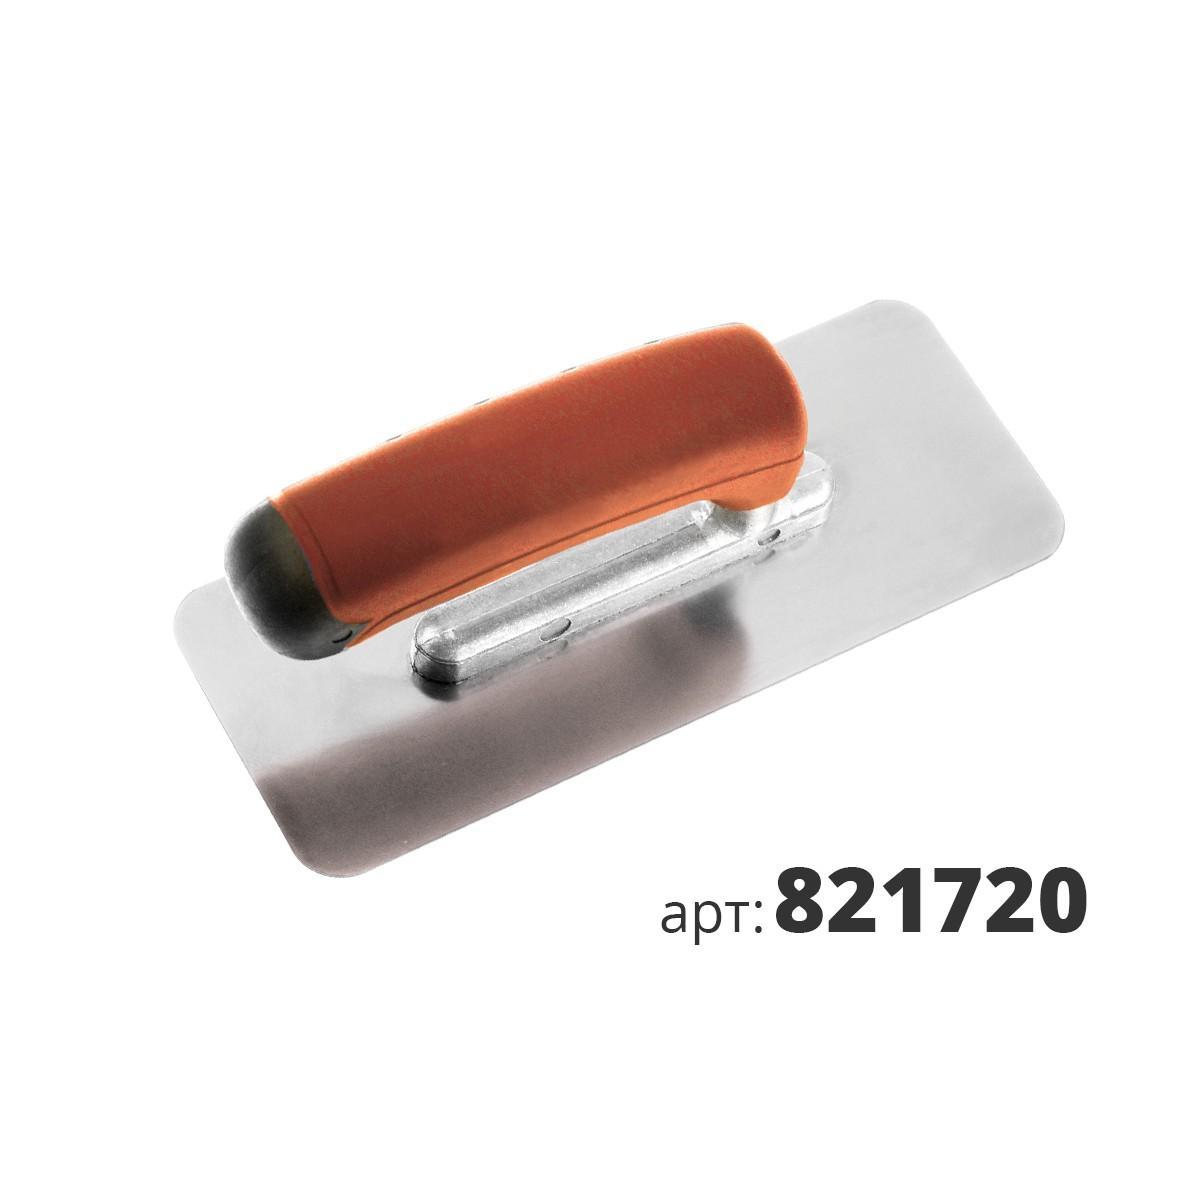 МАКО кельма венецианская Soft Grip, высококачественная нержавеющая сталь 821720